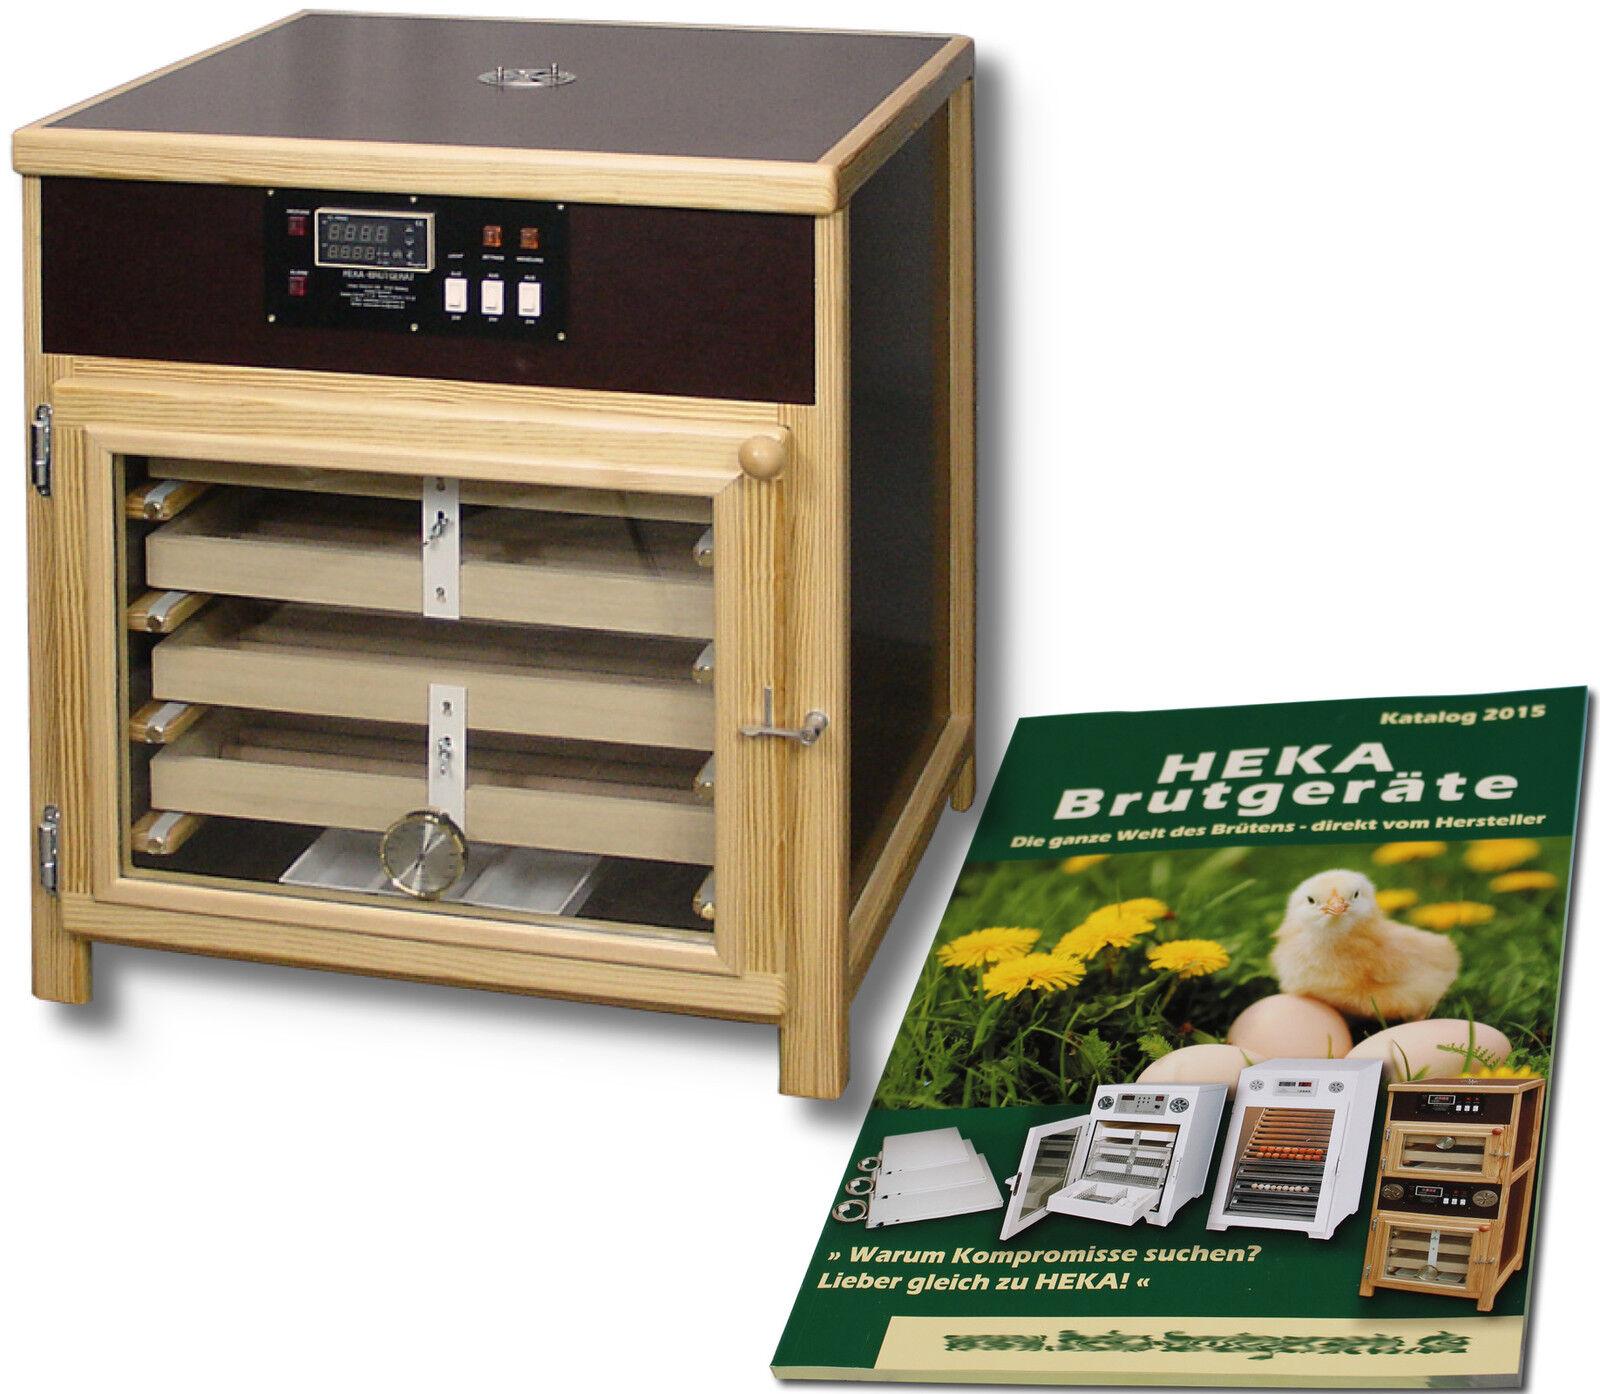 Heka Heka Heka 7 - Completamente Automatico Incubatrice - - per 400 H. Uova 8ea3ae